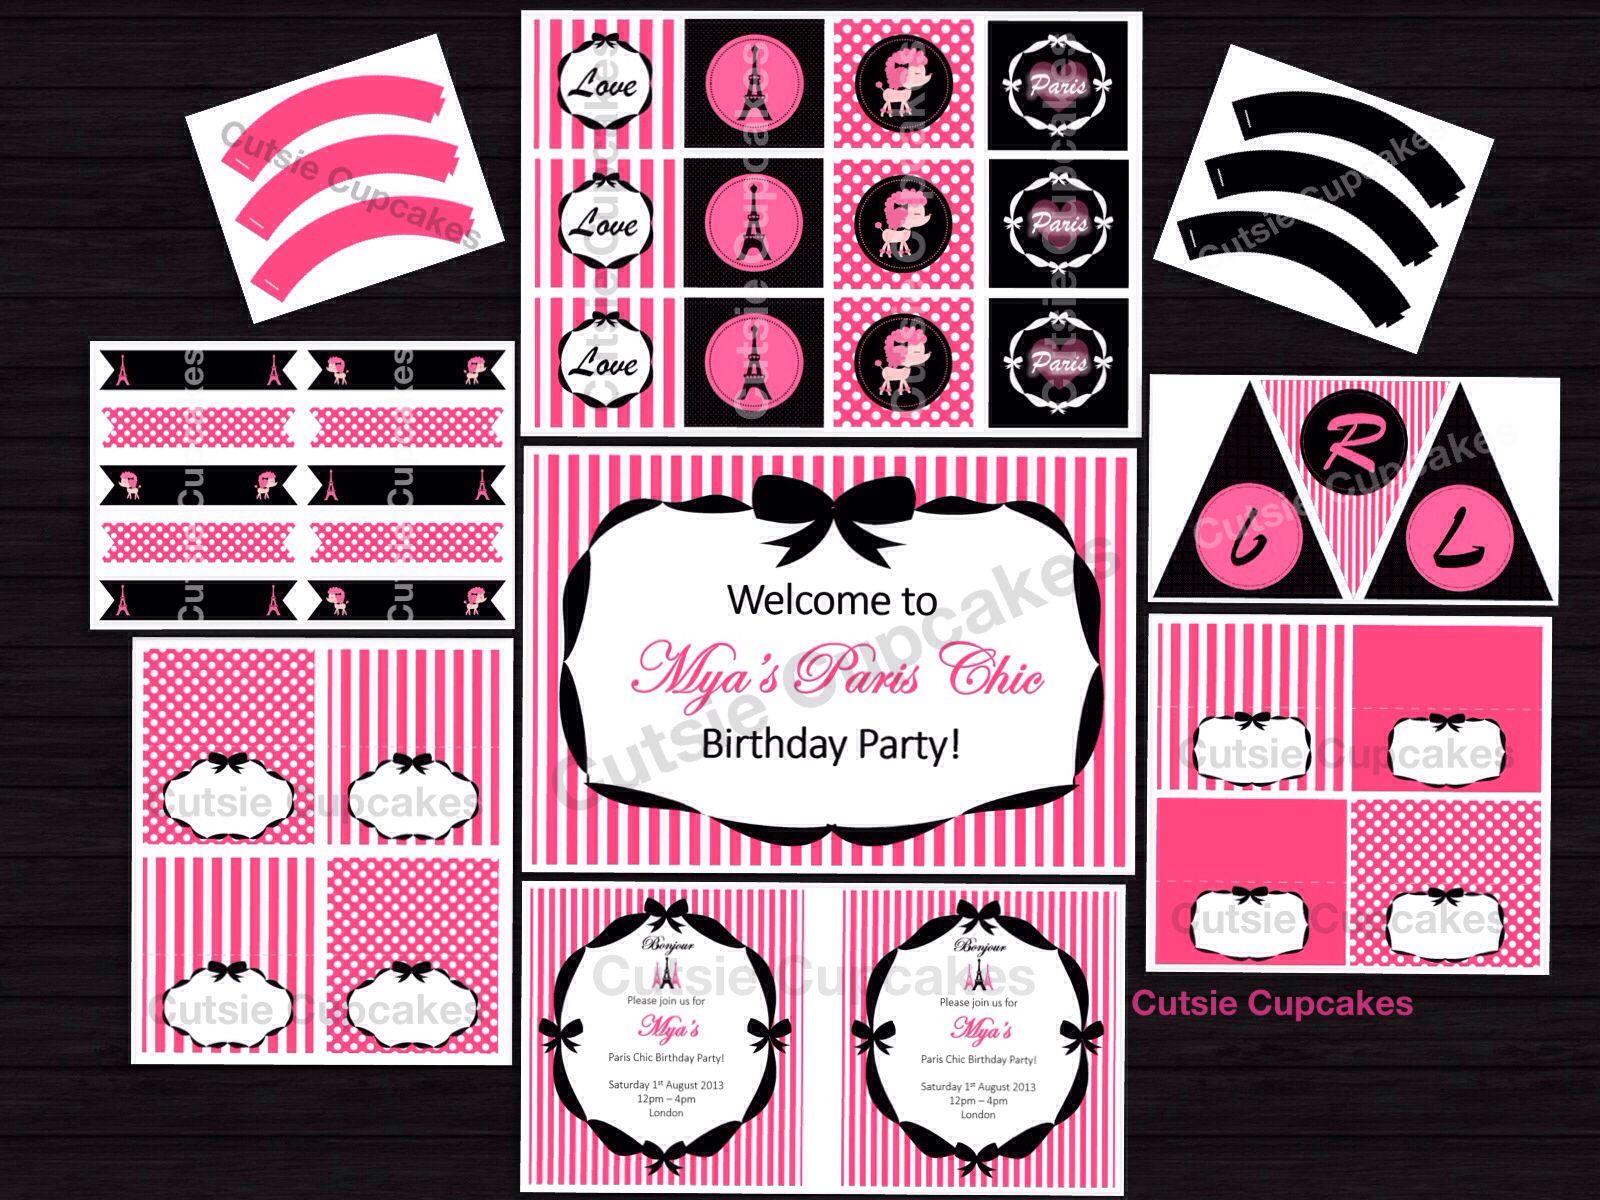 Cutsie Cupcakes - Cutsie Printables - Paris Chic Theme. Included is ...